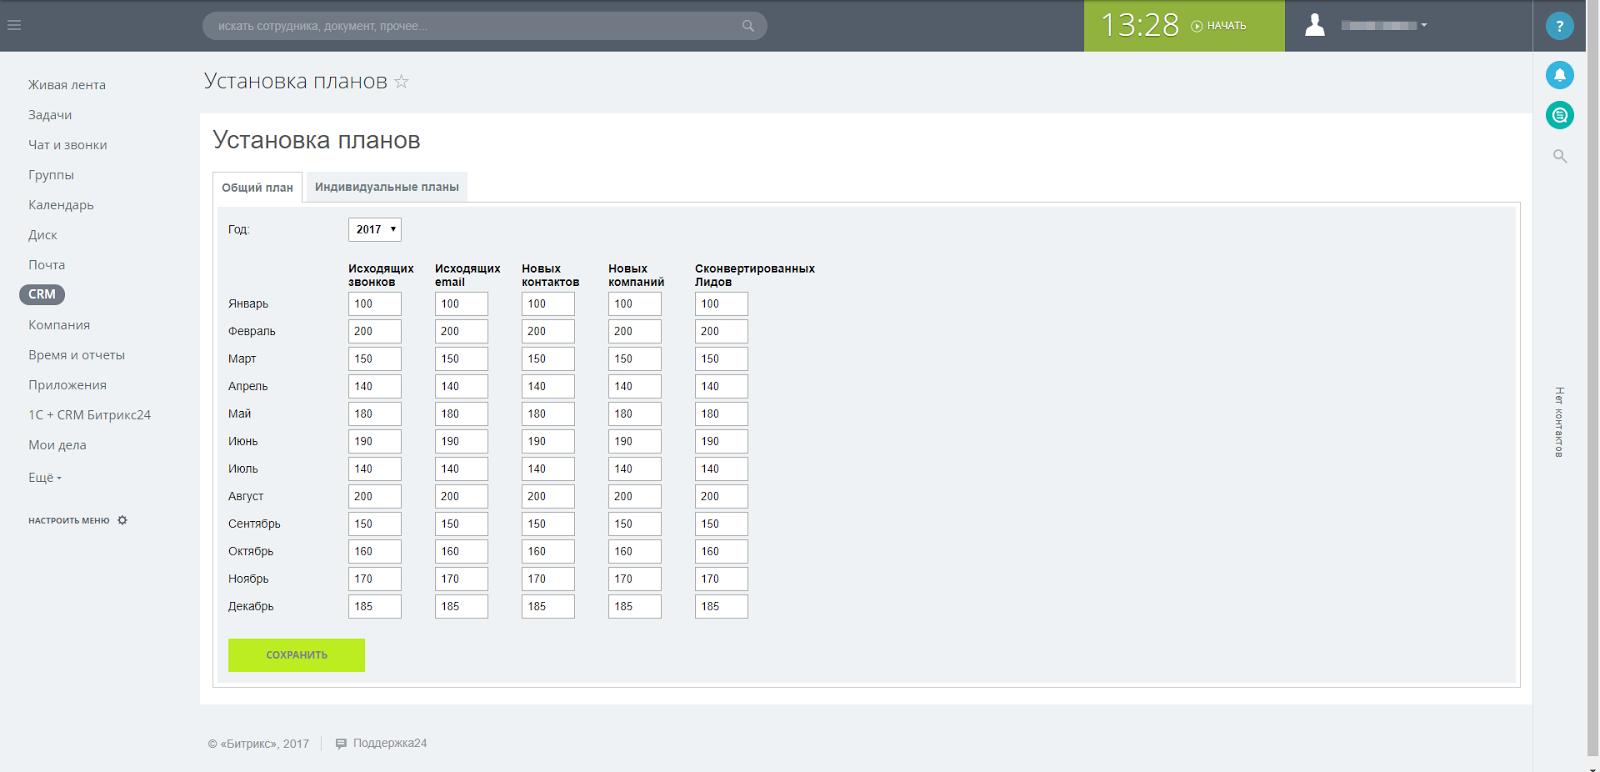 Kpi битрикс 24 шаблоны слайдеров для битрикс